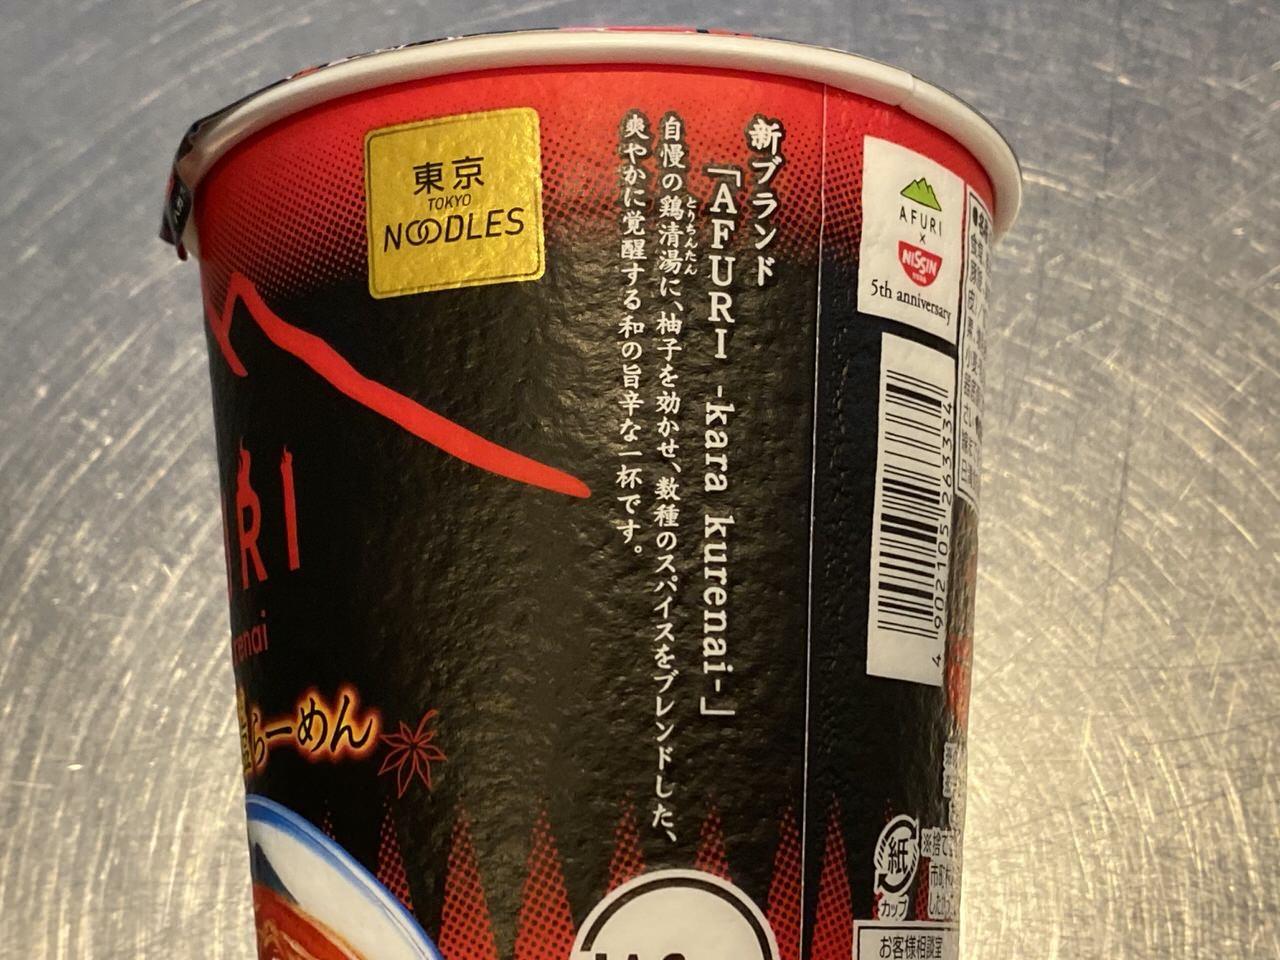 「AFURI 覚醒 激辛柚子塩らーめん」正直、激辛はもういいかと思っていたんだけど食べてみたらやっぱり旨いAFURIの一杯!